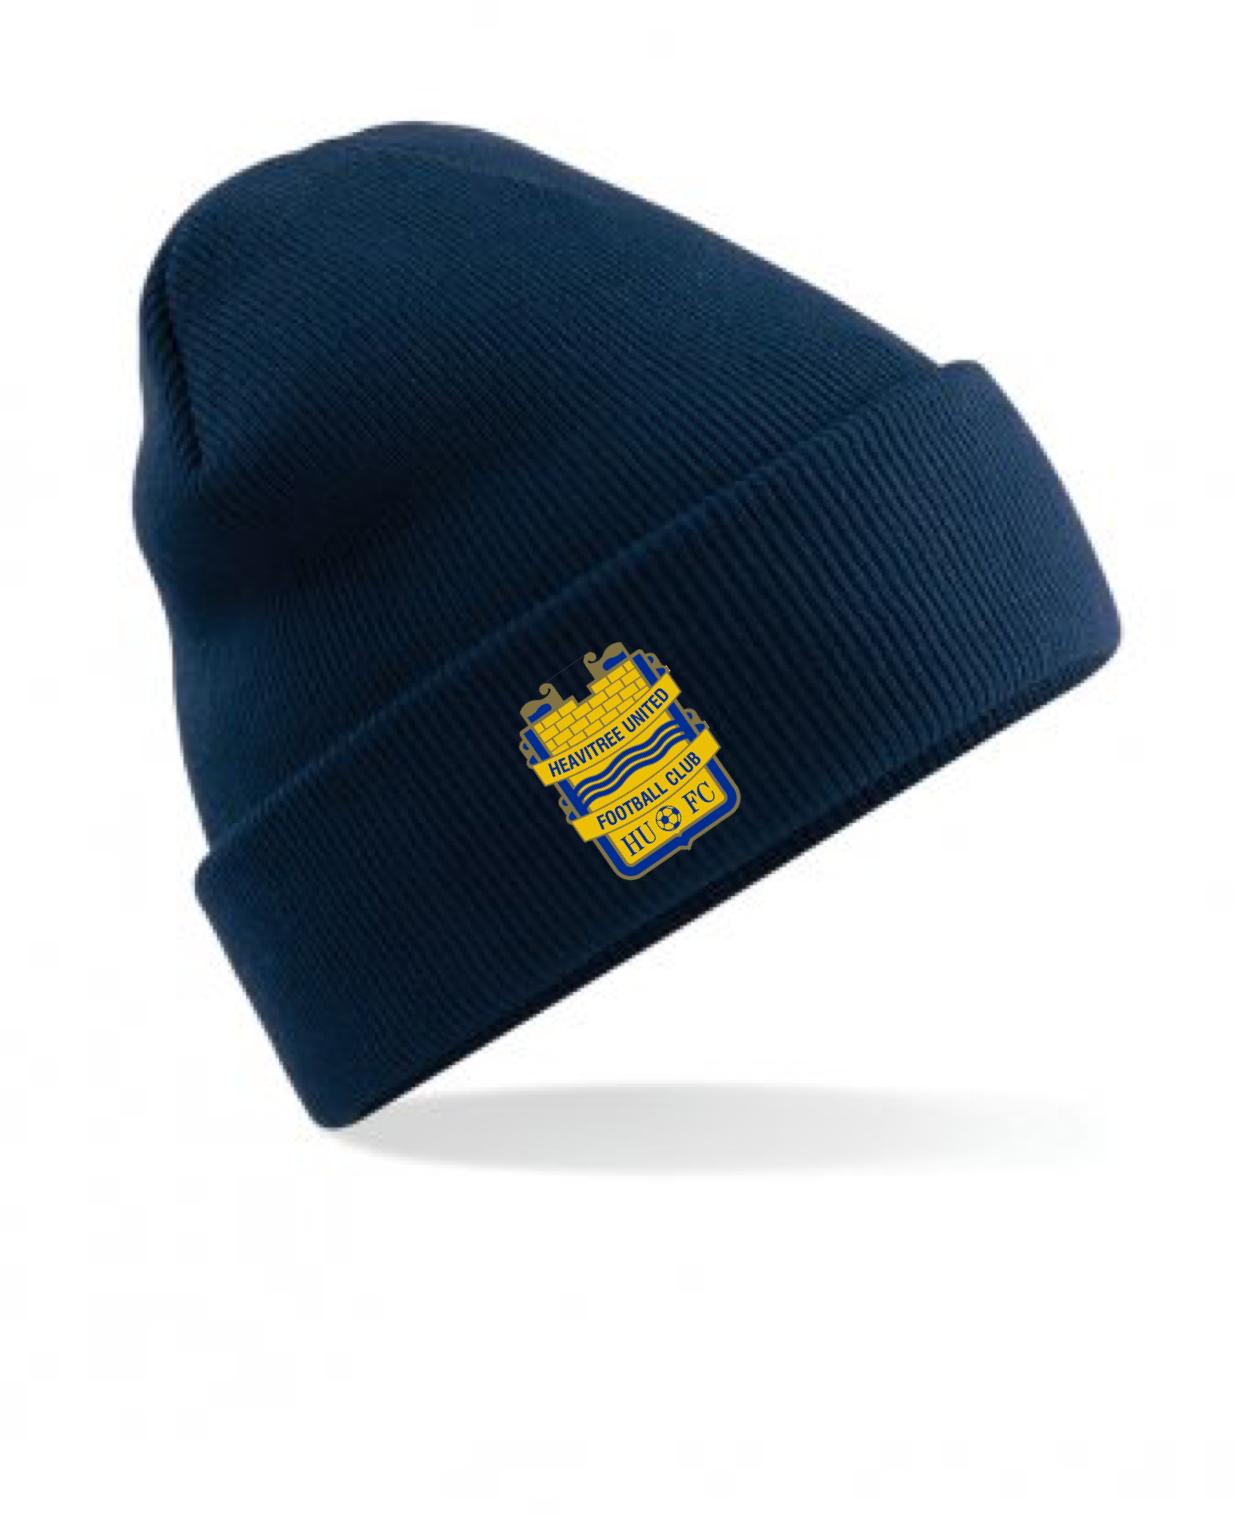 81271521a8b SWAZ Heavitree United Beanie Hat - Navy